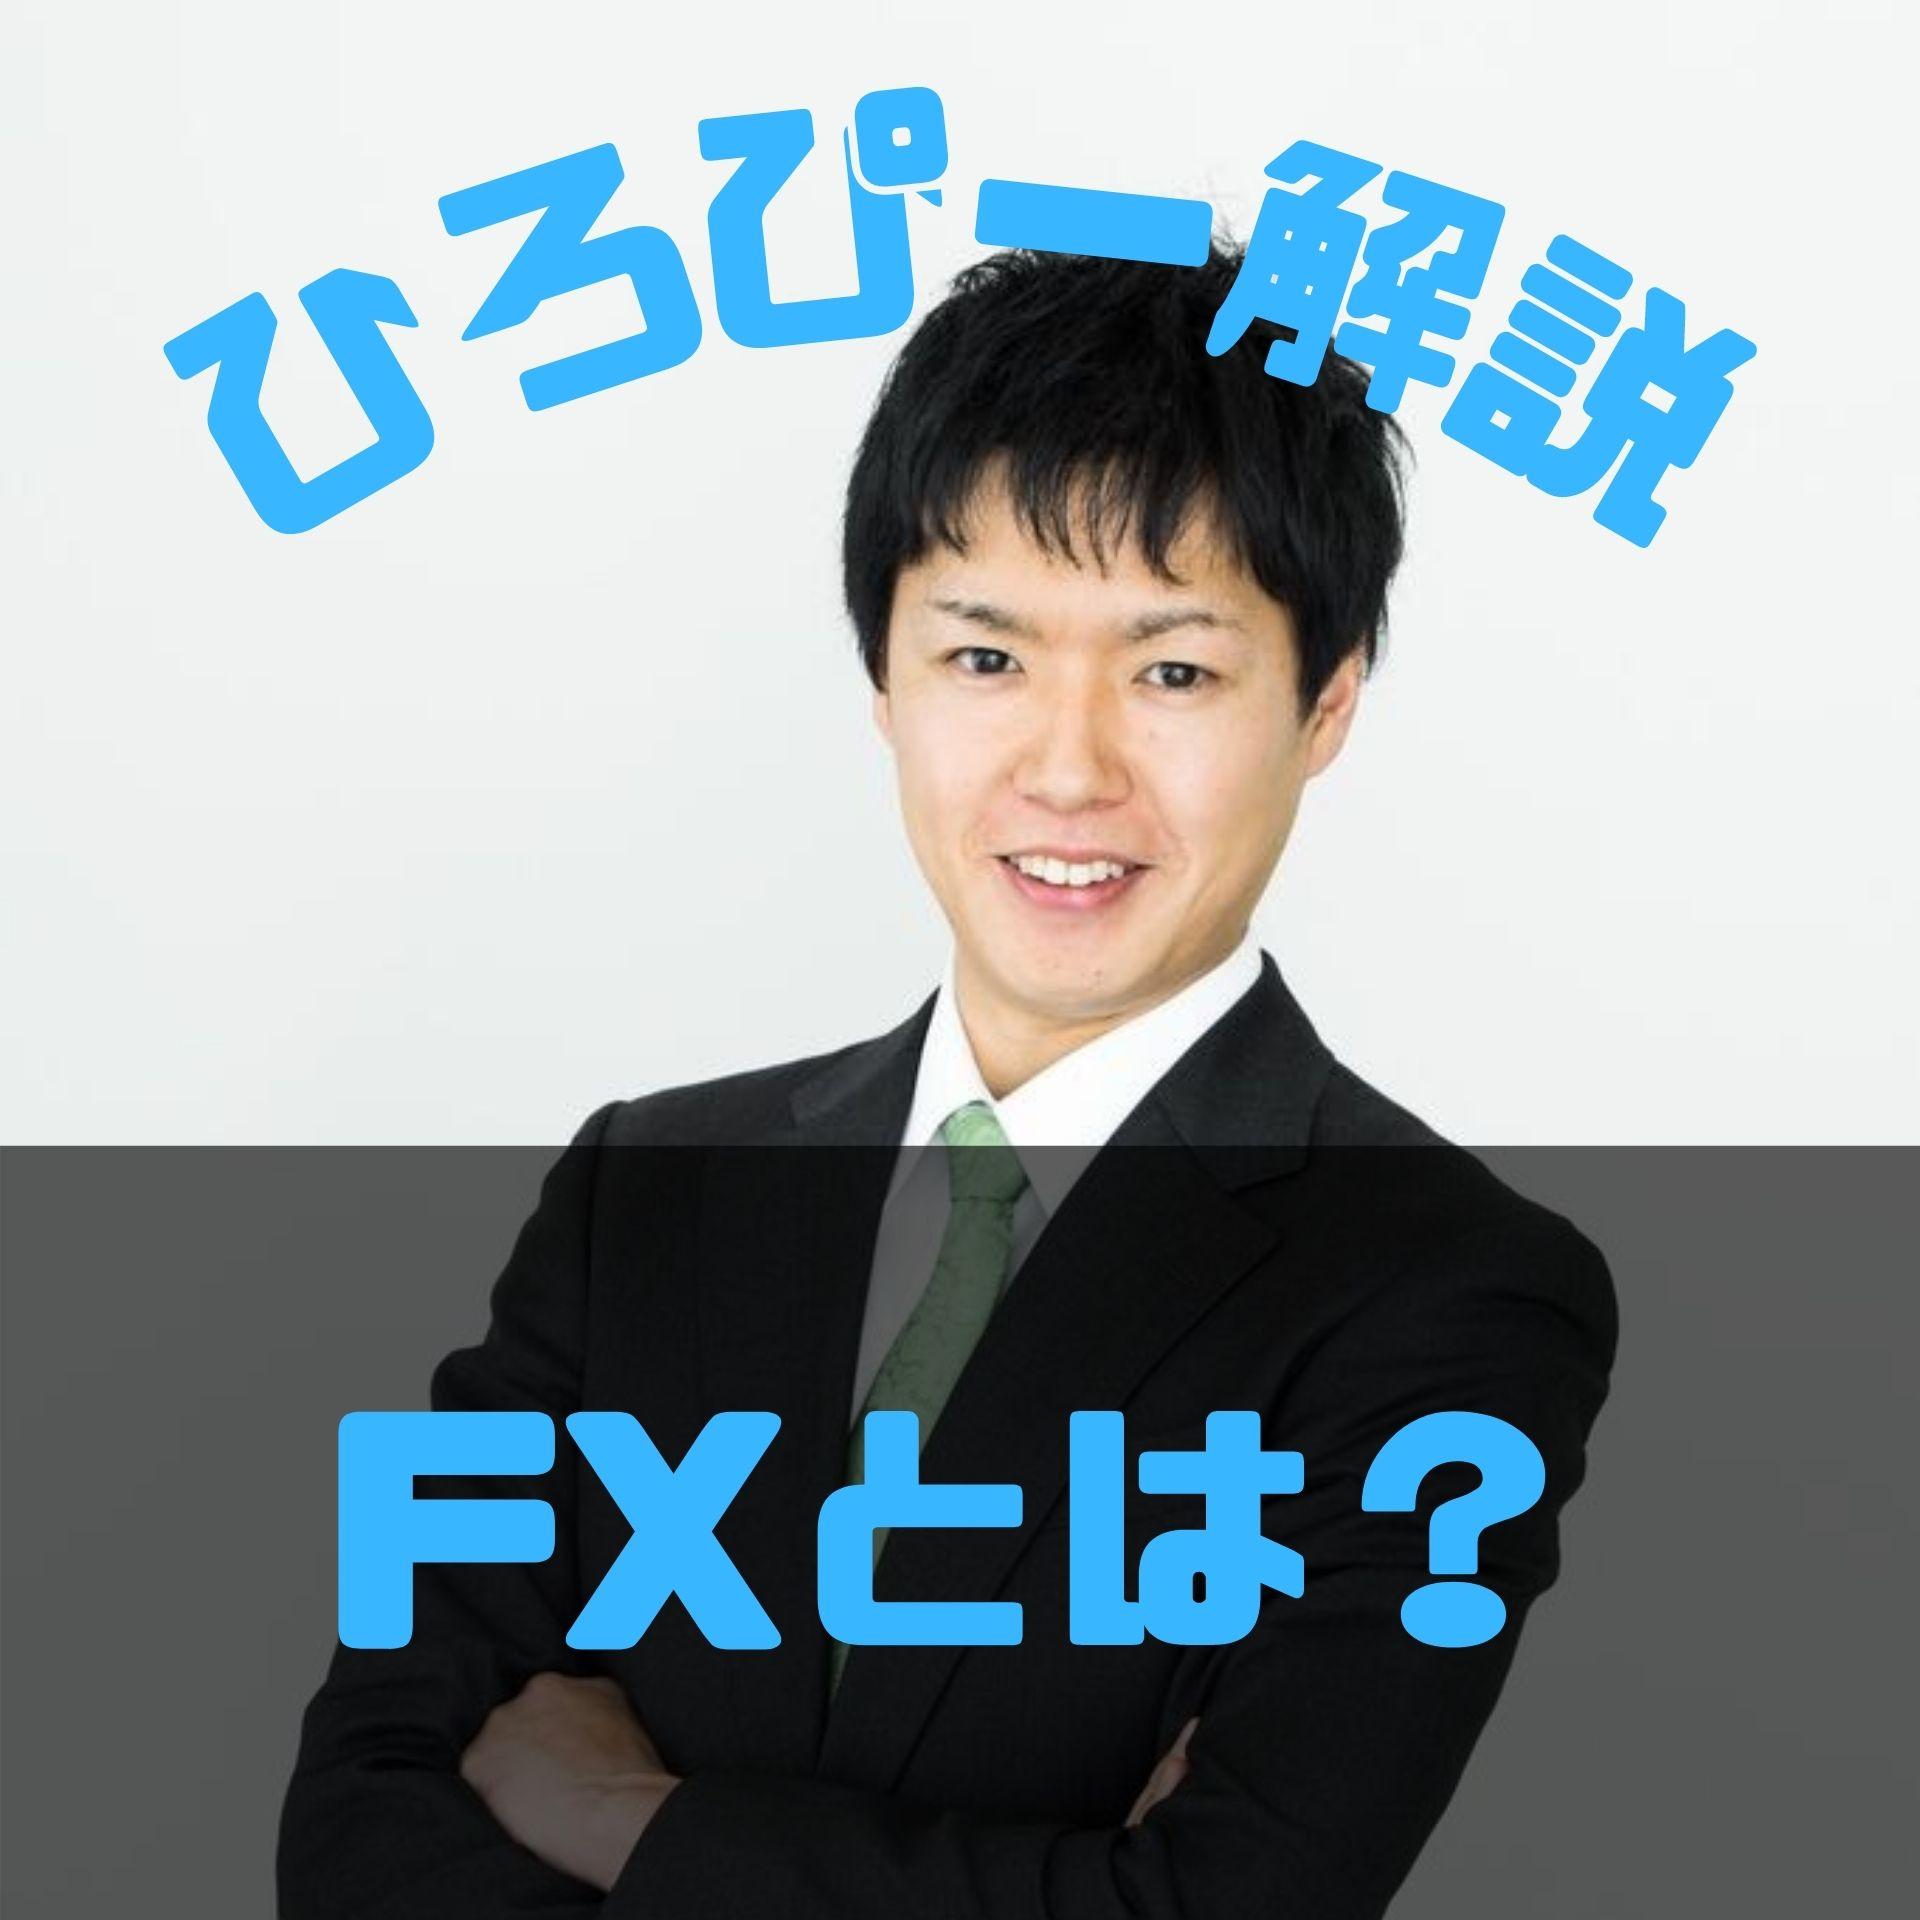 FXとはそもそもどんな投資なの?専門家ひろぴーが基本のキを徹底解説!